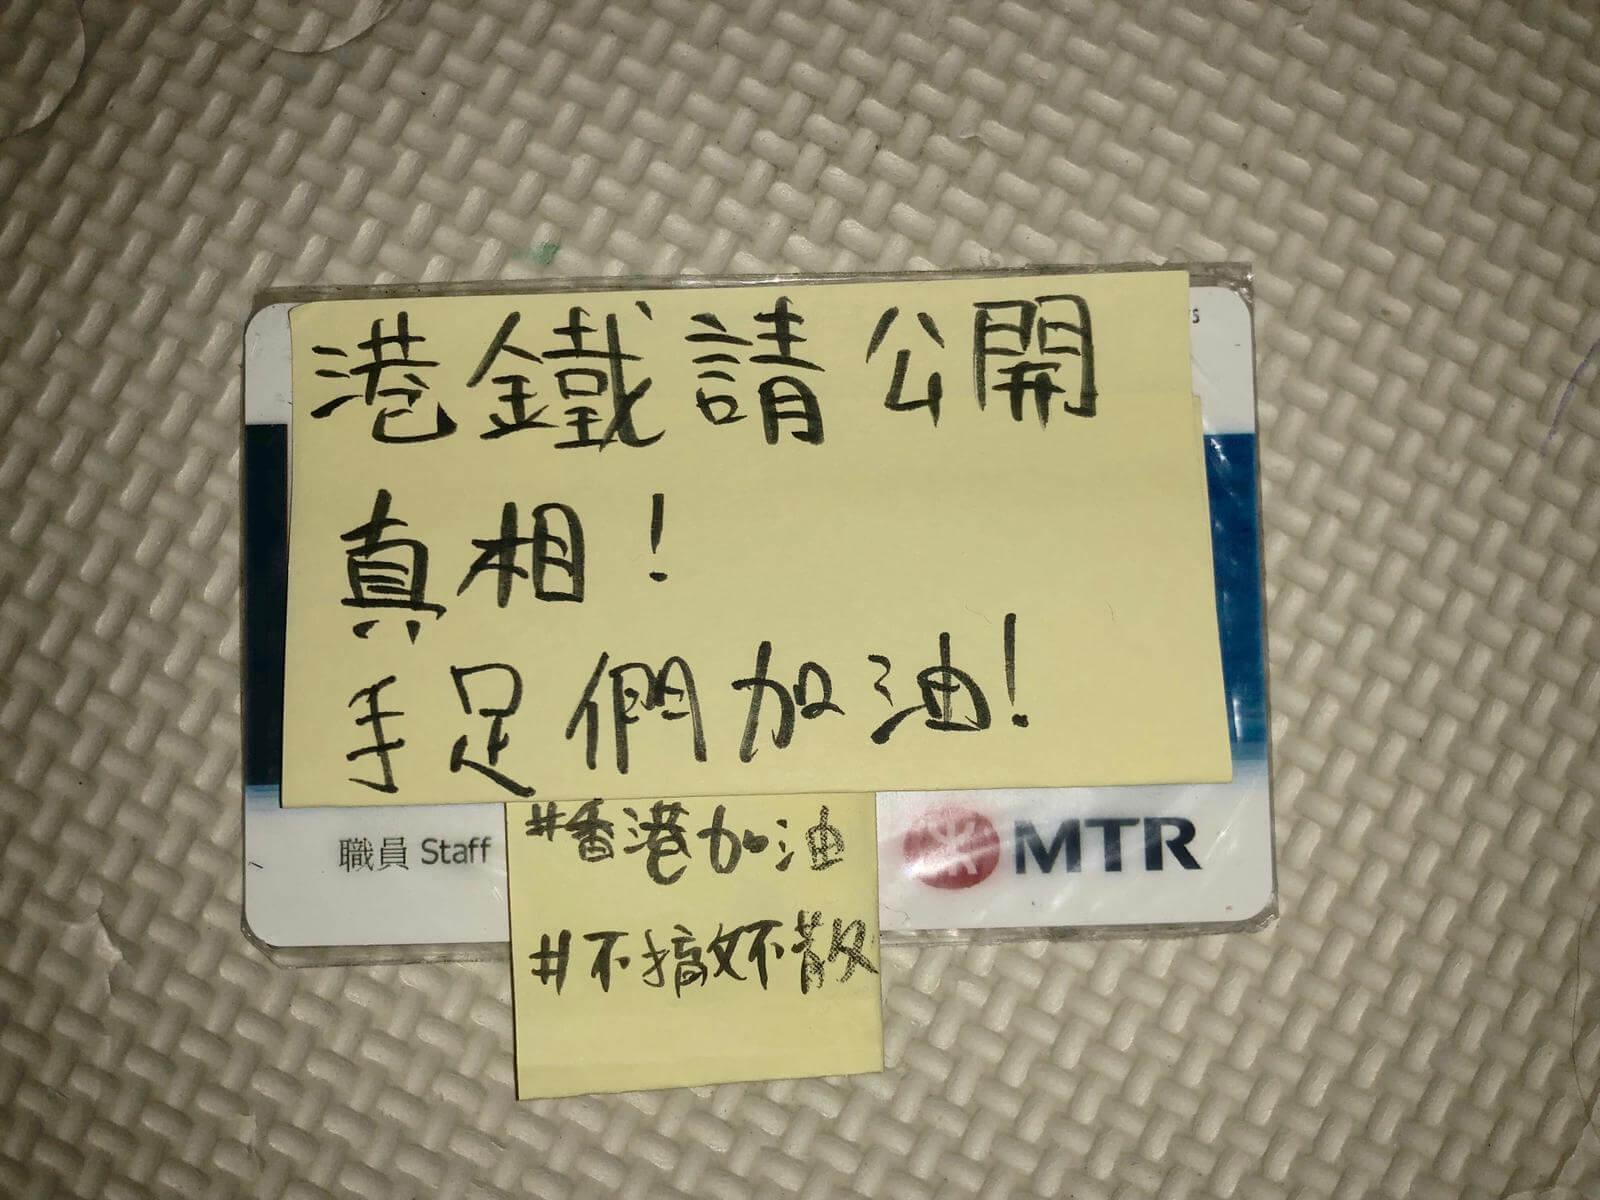 mtr_staff